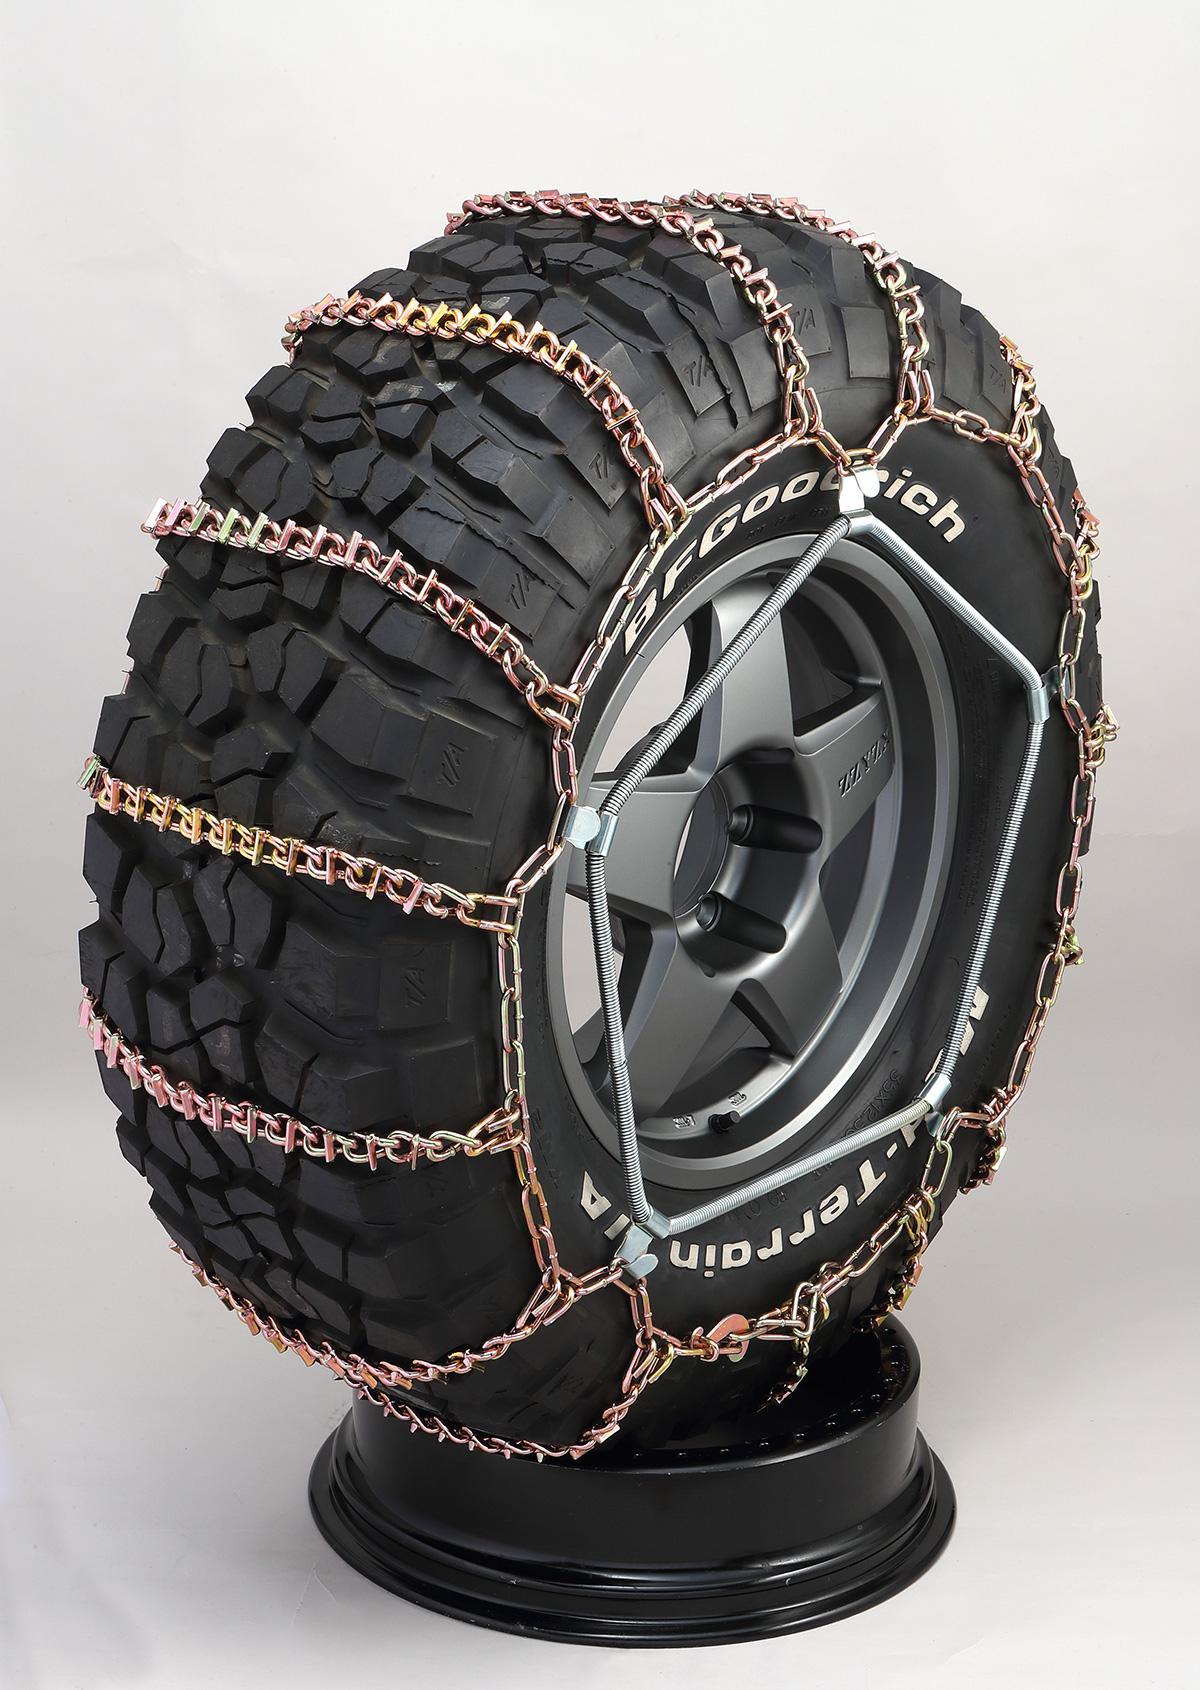 ラグナオフロードチェーンRG スパイク付ラダー型タイヤチェーン